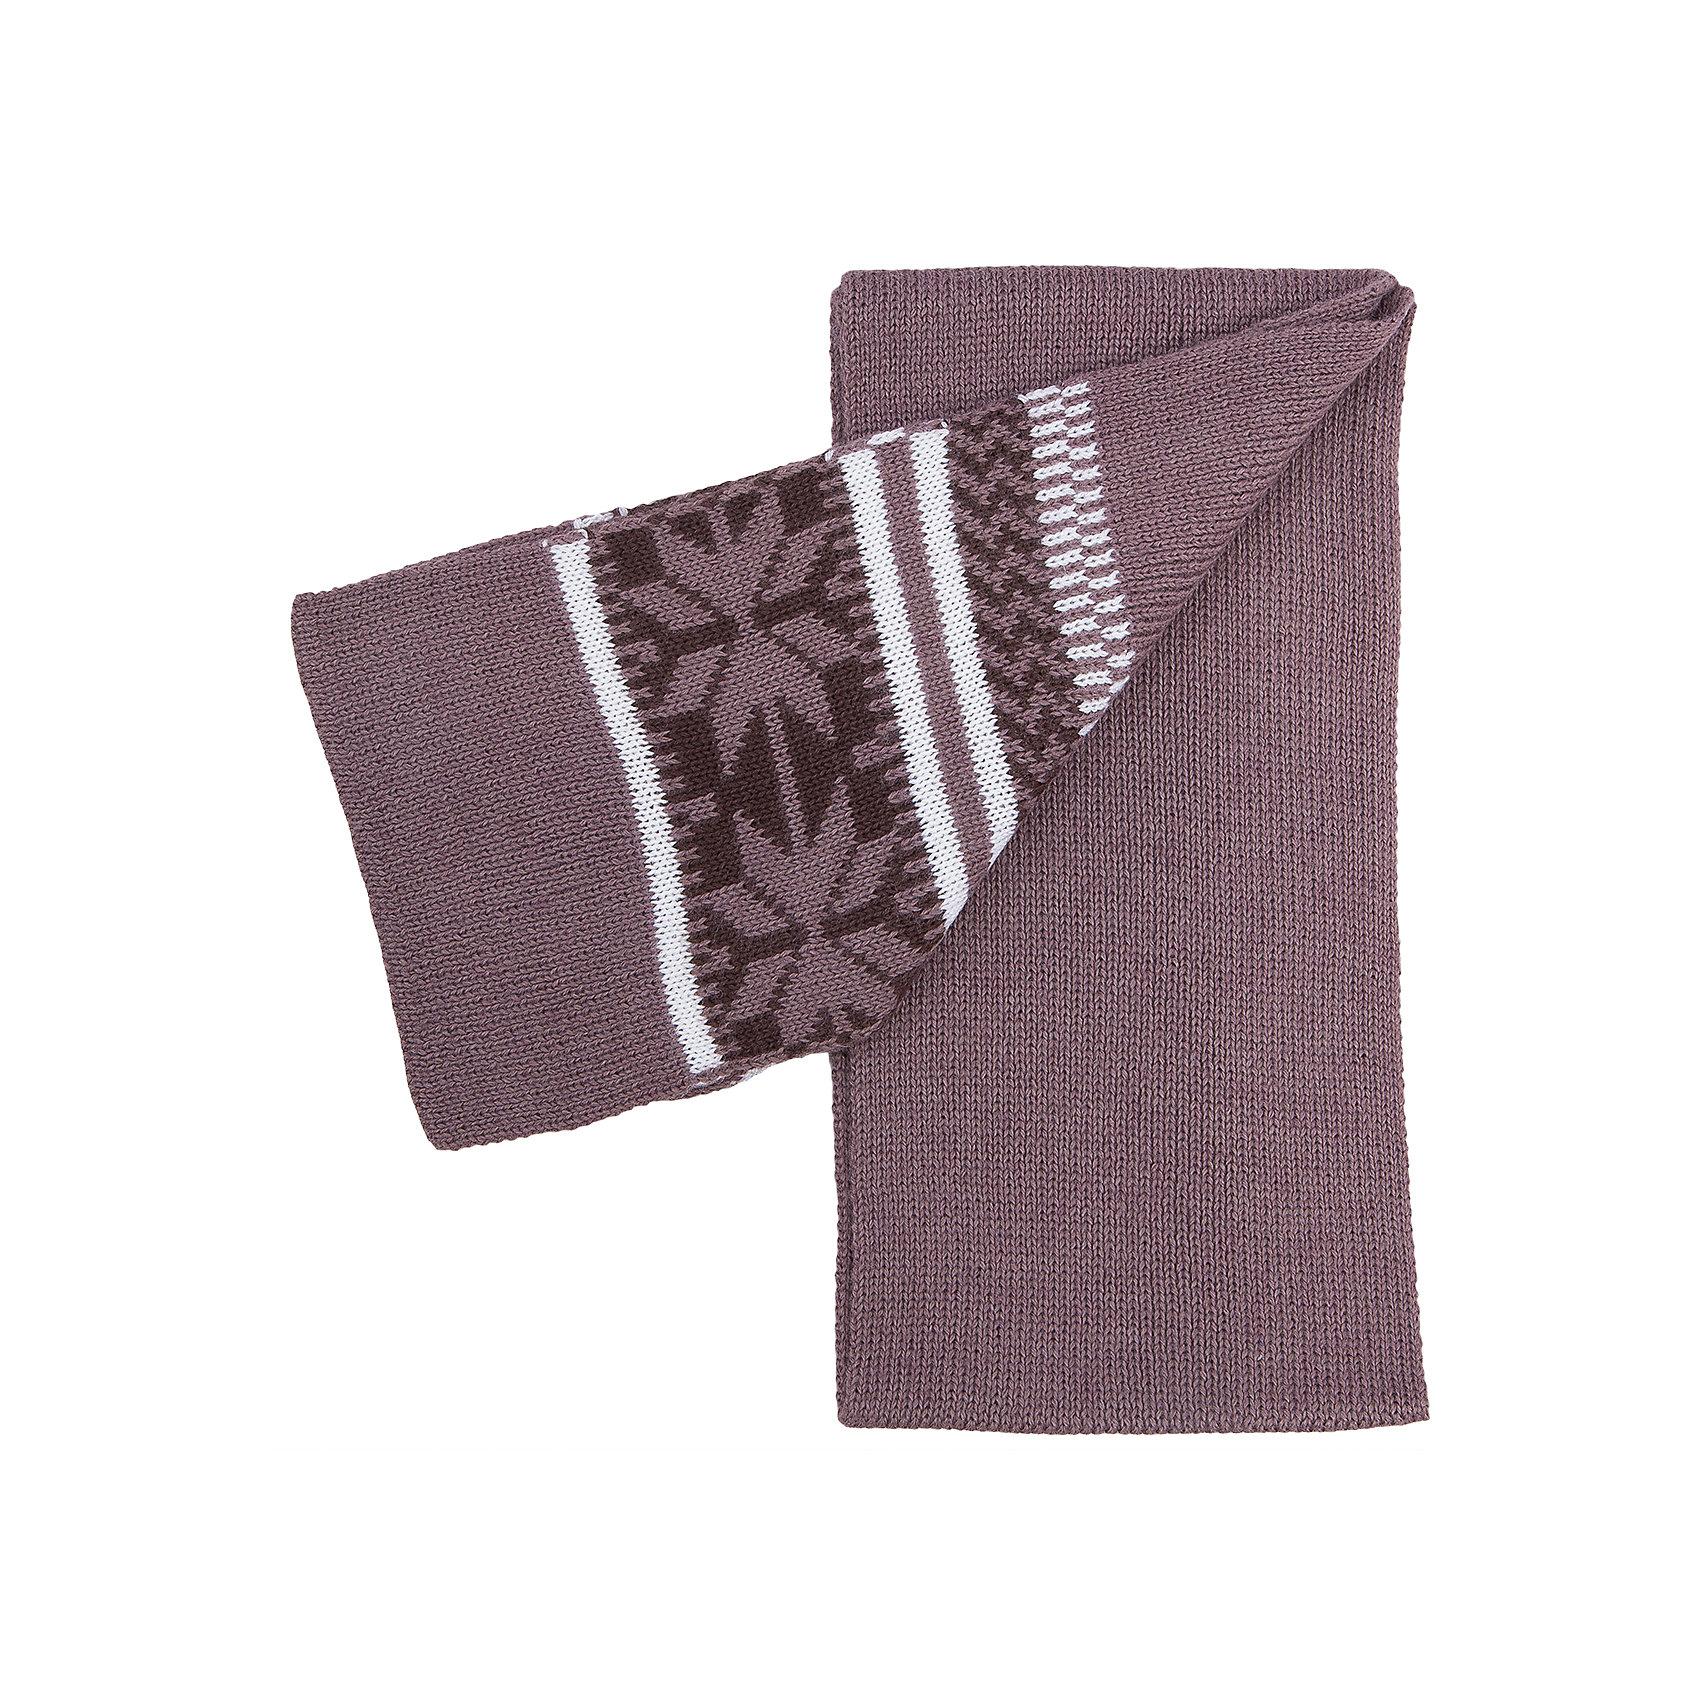 Шарф для мальчика SELAШарфы, платки<br>Стильный теплый шарф - незаменимая вещь в прохладное время года. Эта модель отлично сидит на ребенке, она сделана из плотного материала, позволяет гулять с комфортом на свежем воздухе зимой.Качественная пряжа не вызывает аллергии и обеспечивает ребенку комфорт. Модель будет уместна в различных сочетаниях.<br>Одежда от бренда Sela (Села) - это качество по приемлемым ценам. Многие российские родители уже оценили преимущества продукции этой компании и всё чаще приобретают одежду и аксессуары Sela.<br><br>Дополнительная информация:<br><br>вязаный узор;<br>материал: 70% акрил; 30% шерсть.<br><br>Шарф для мальчика от бренда Sela можно купить в нашем интернет-магазине.<br><br>Ширина мм: 88<br>Глубина мм: 155<br>Высота мм: 26<br>Вес г: 106<br>Цвет: коричневый<br>Возраст от месяцев: 24<br>Возраст до месяцев: 144<br>Пол: Мужской<br>Возраст: Детский<br>Размер: one size<br>SKU: 5020274